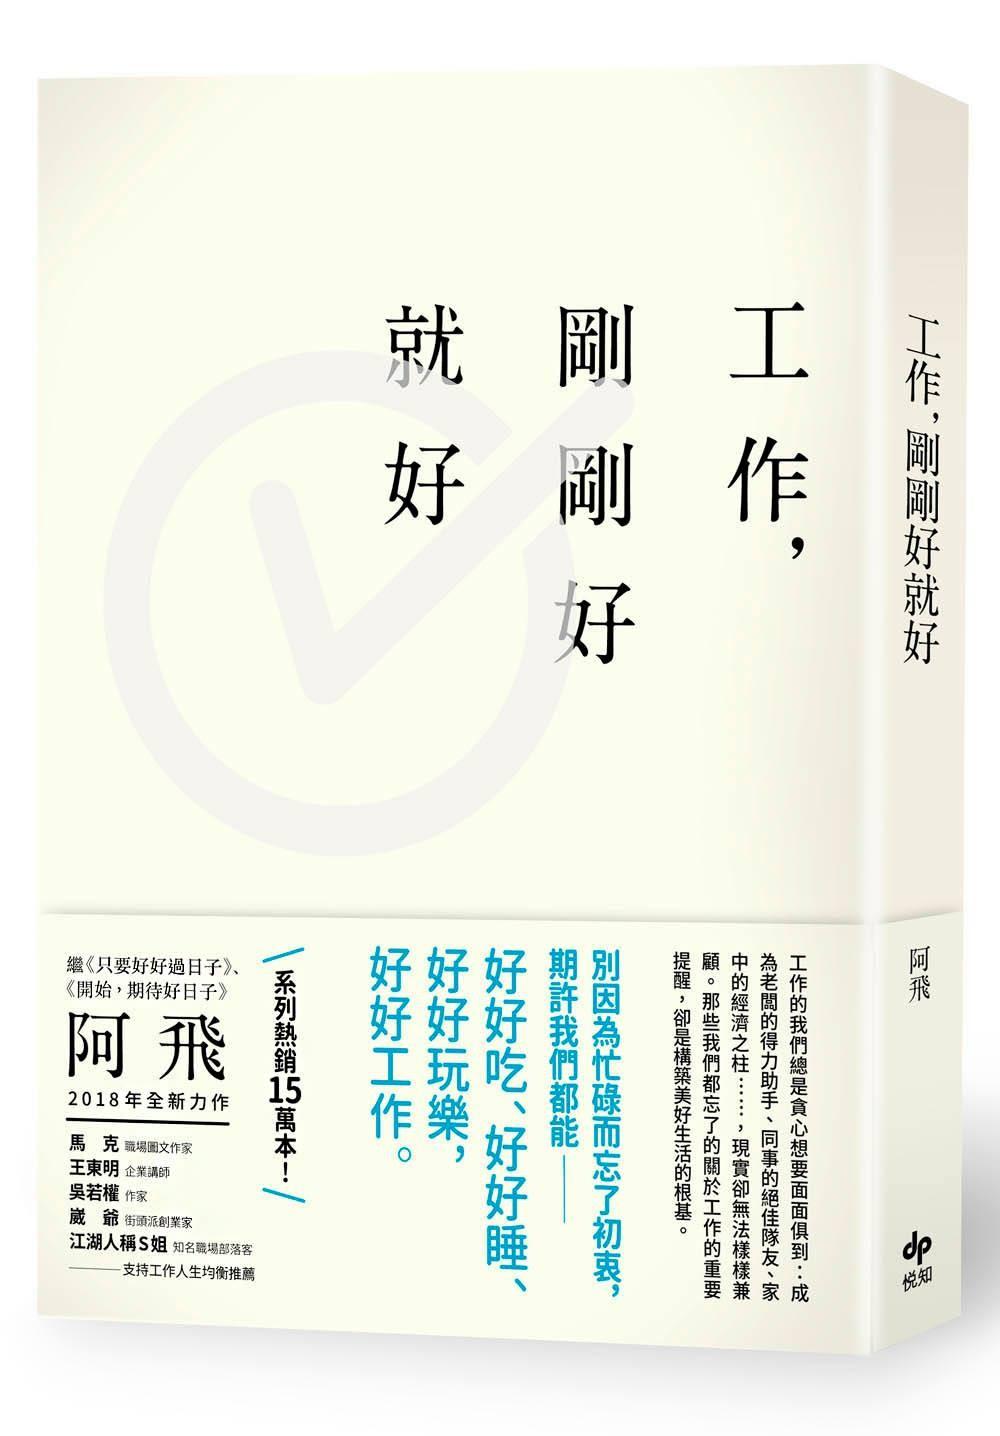 大檸檬用圖(圖/《工作,剛剛好就好》書封 悅知文化提供)